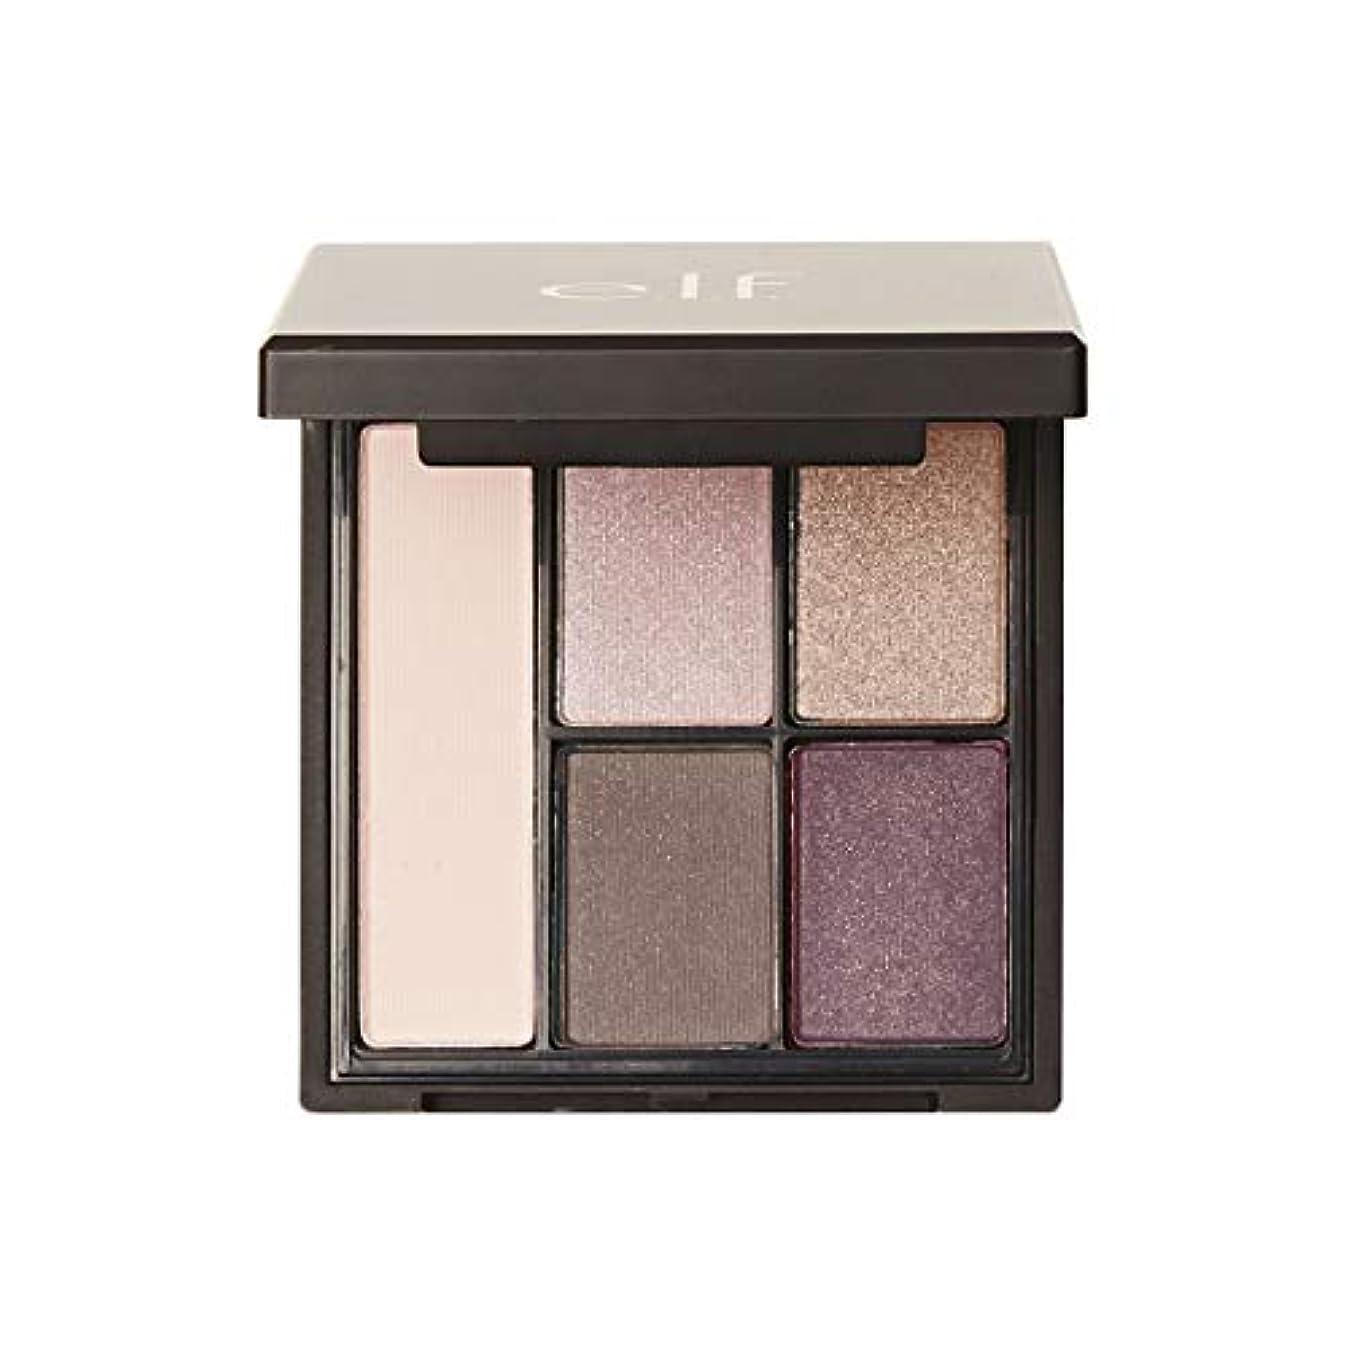 競争力のある工場すり減るe.l.f. Clay Eyeshadow Palette - Saturday Sunsets (並行輸入品)